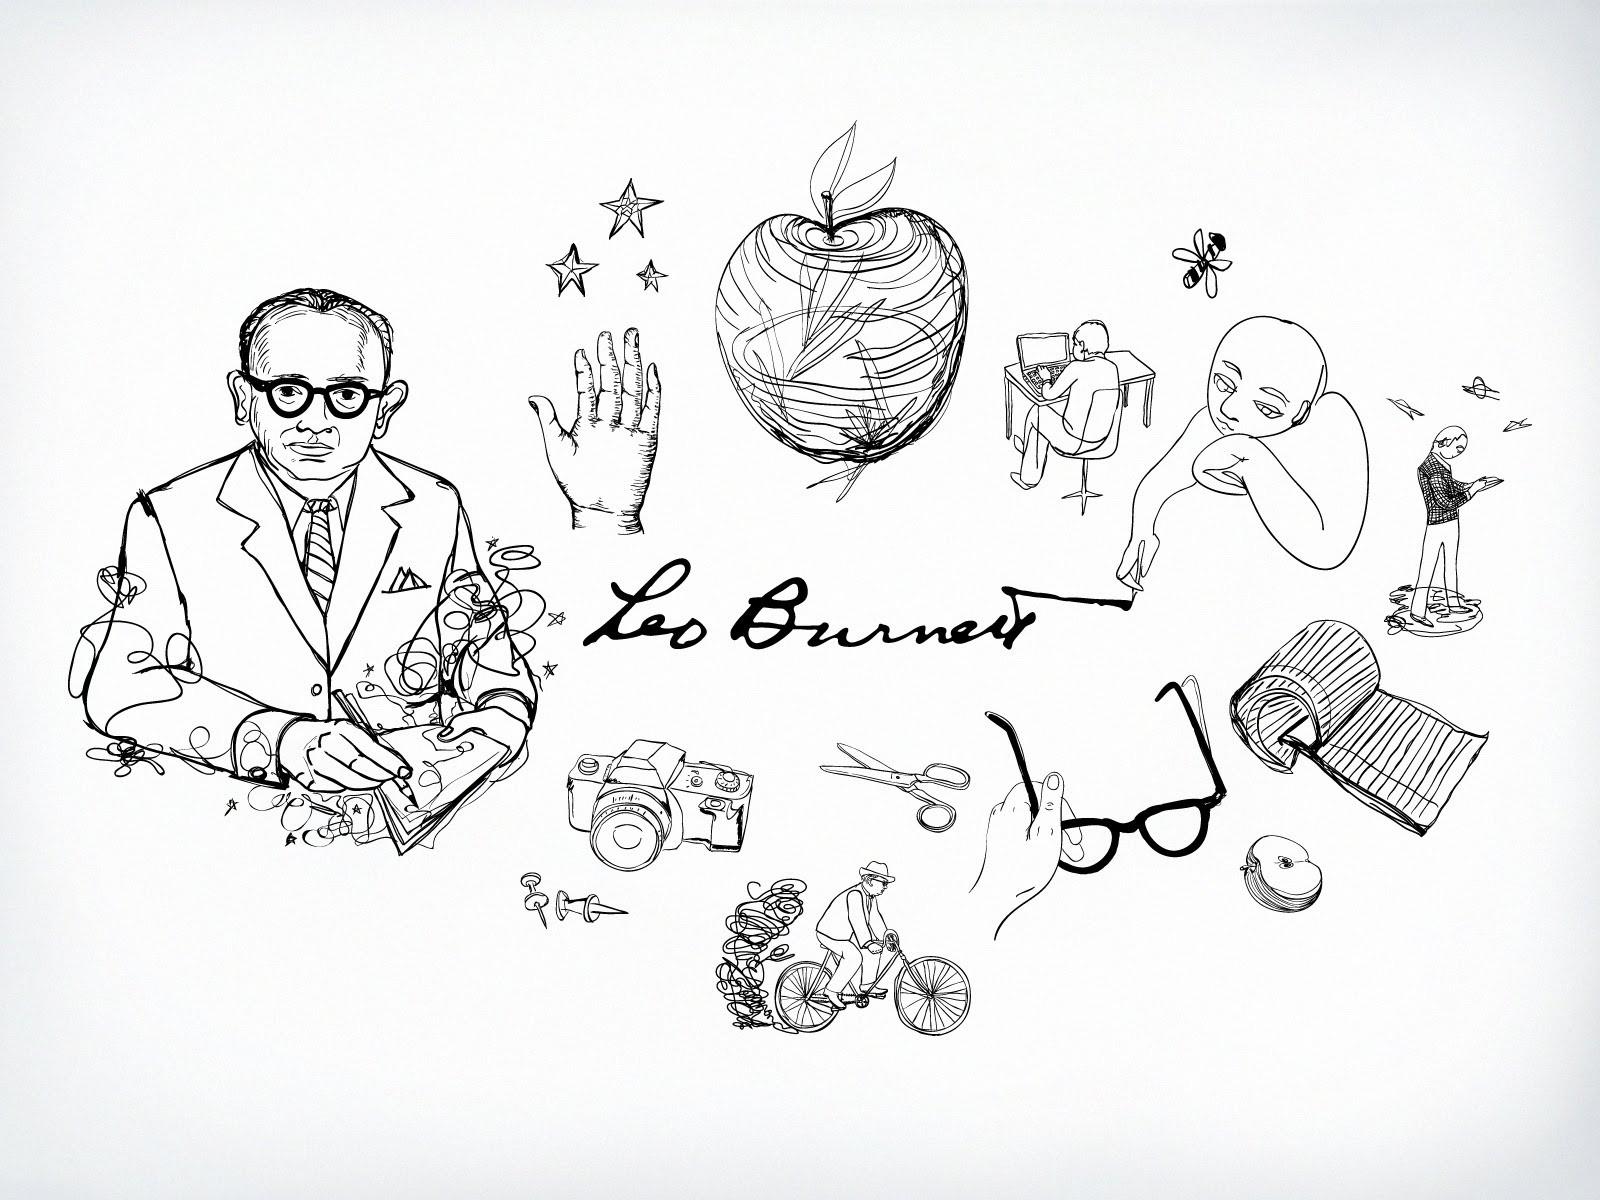 Leo Burnett Sri Lanka